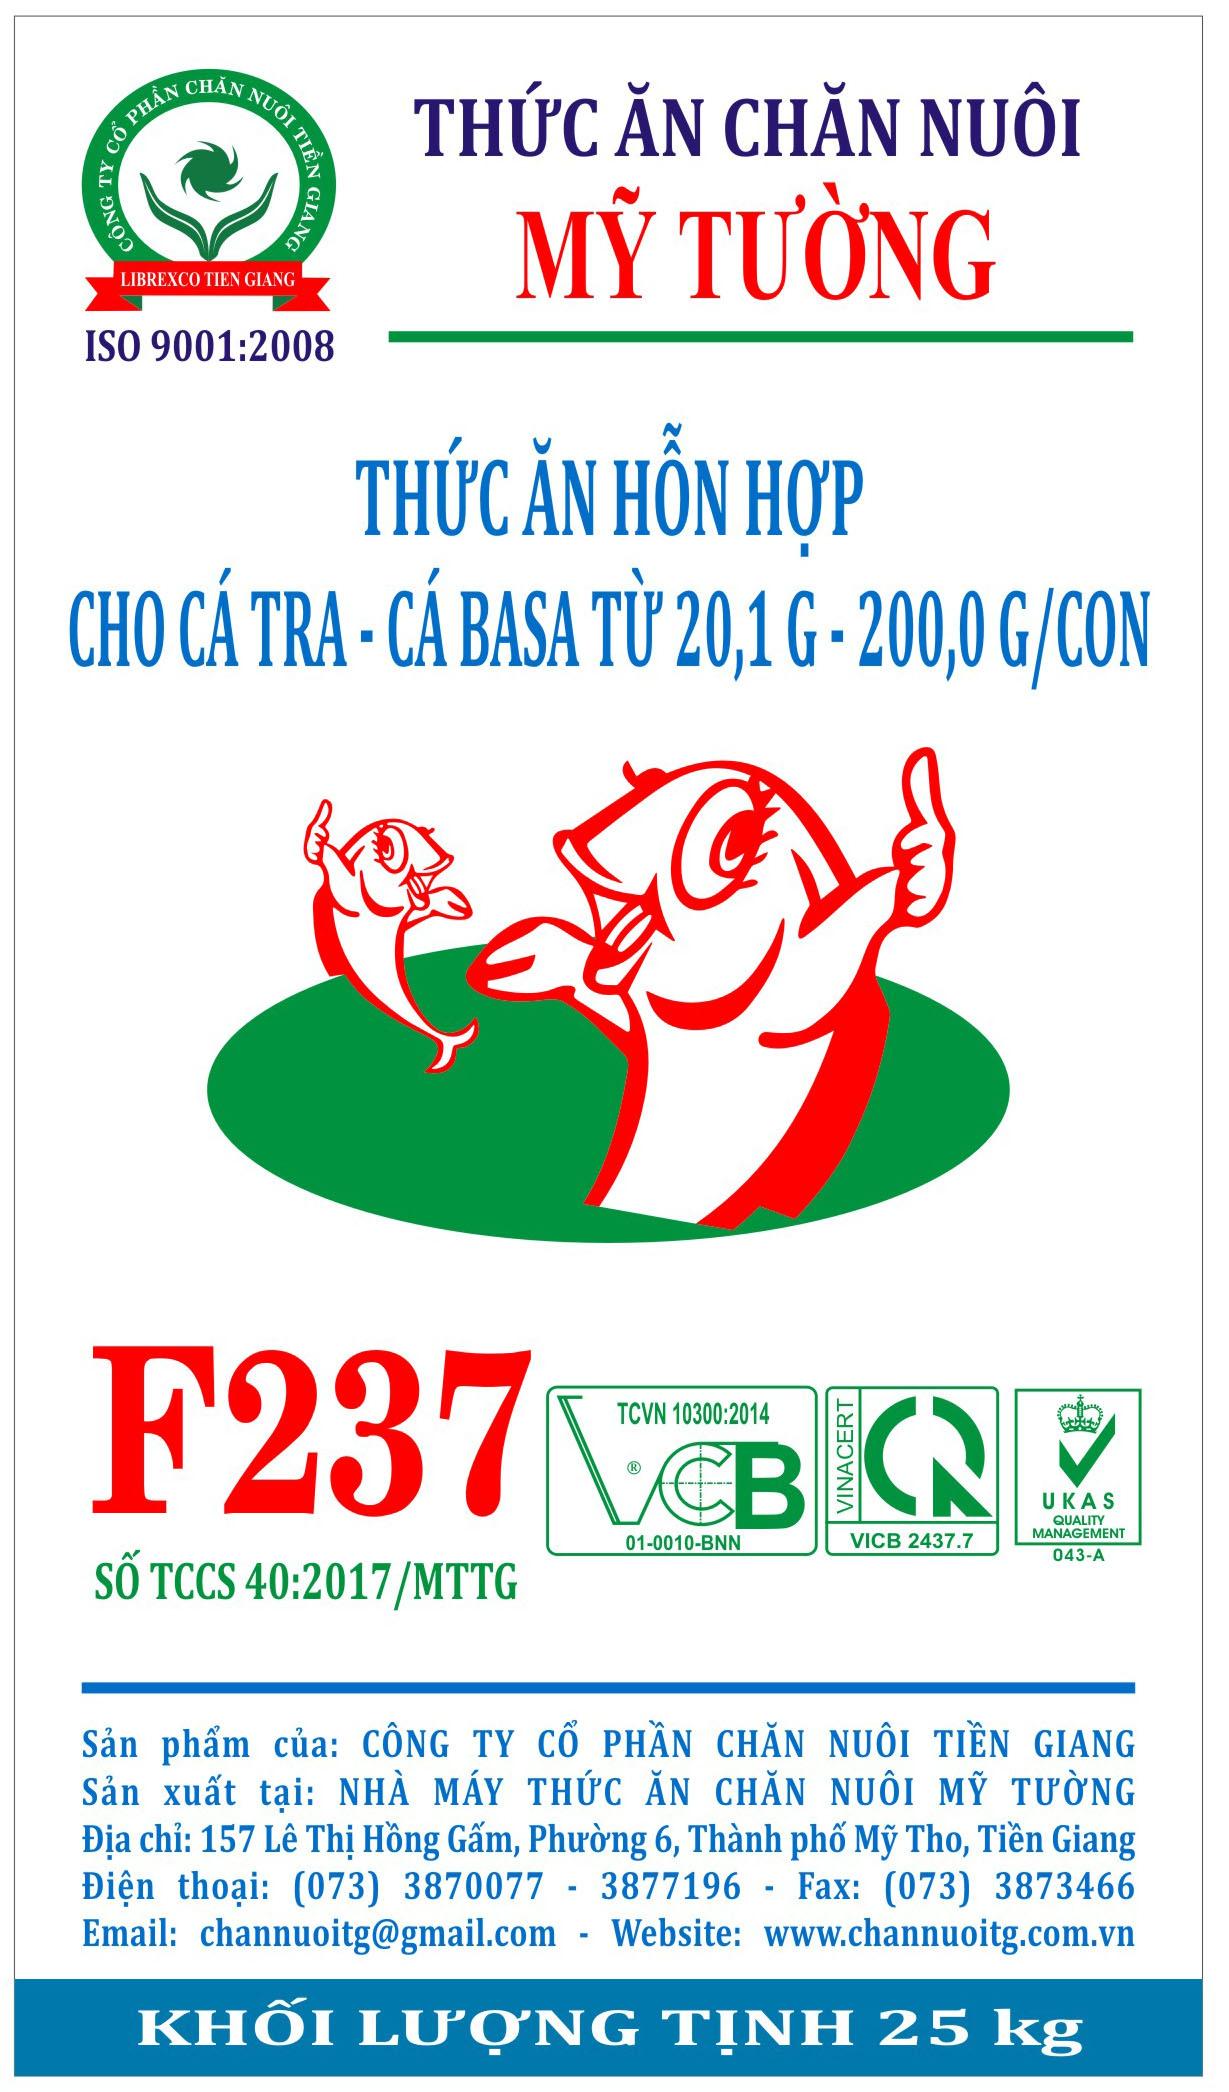 Thức ăn hỗn hợp cho cá tra - cá basa từ 20,1 G - 200,0 G/con (F237)